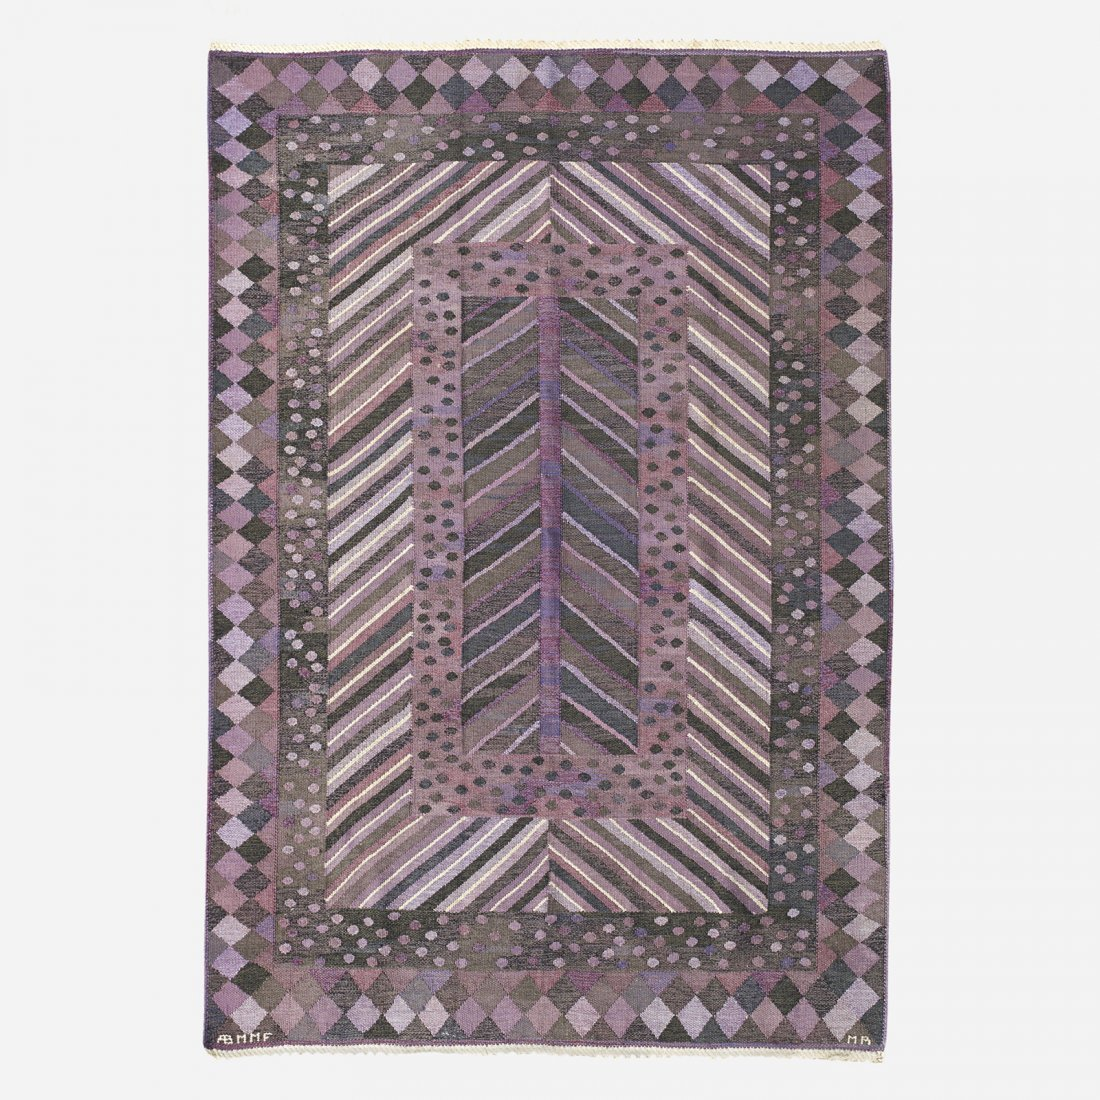 Marianne Richter Granen flatweave carpet